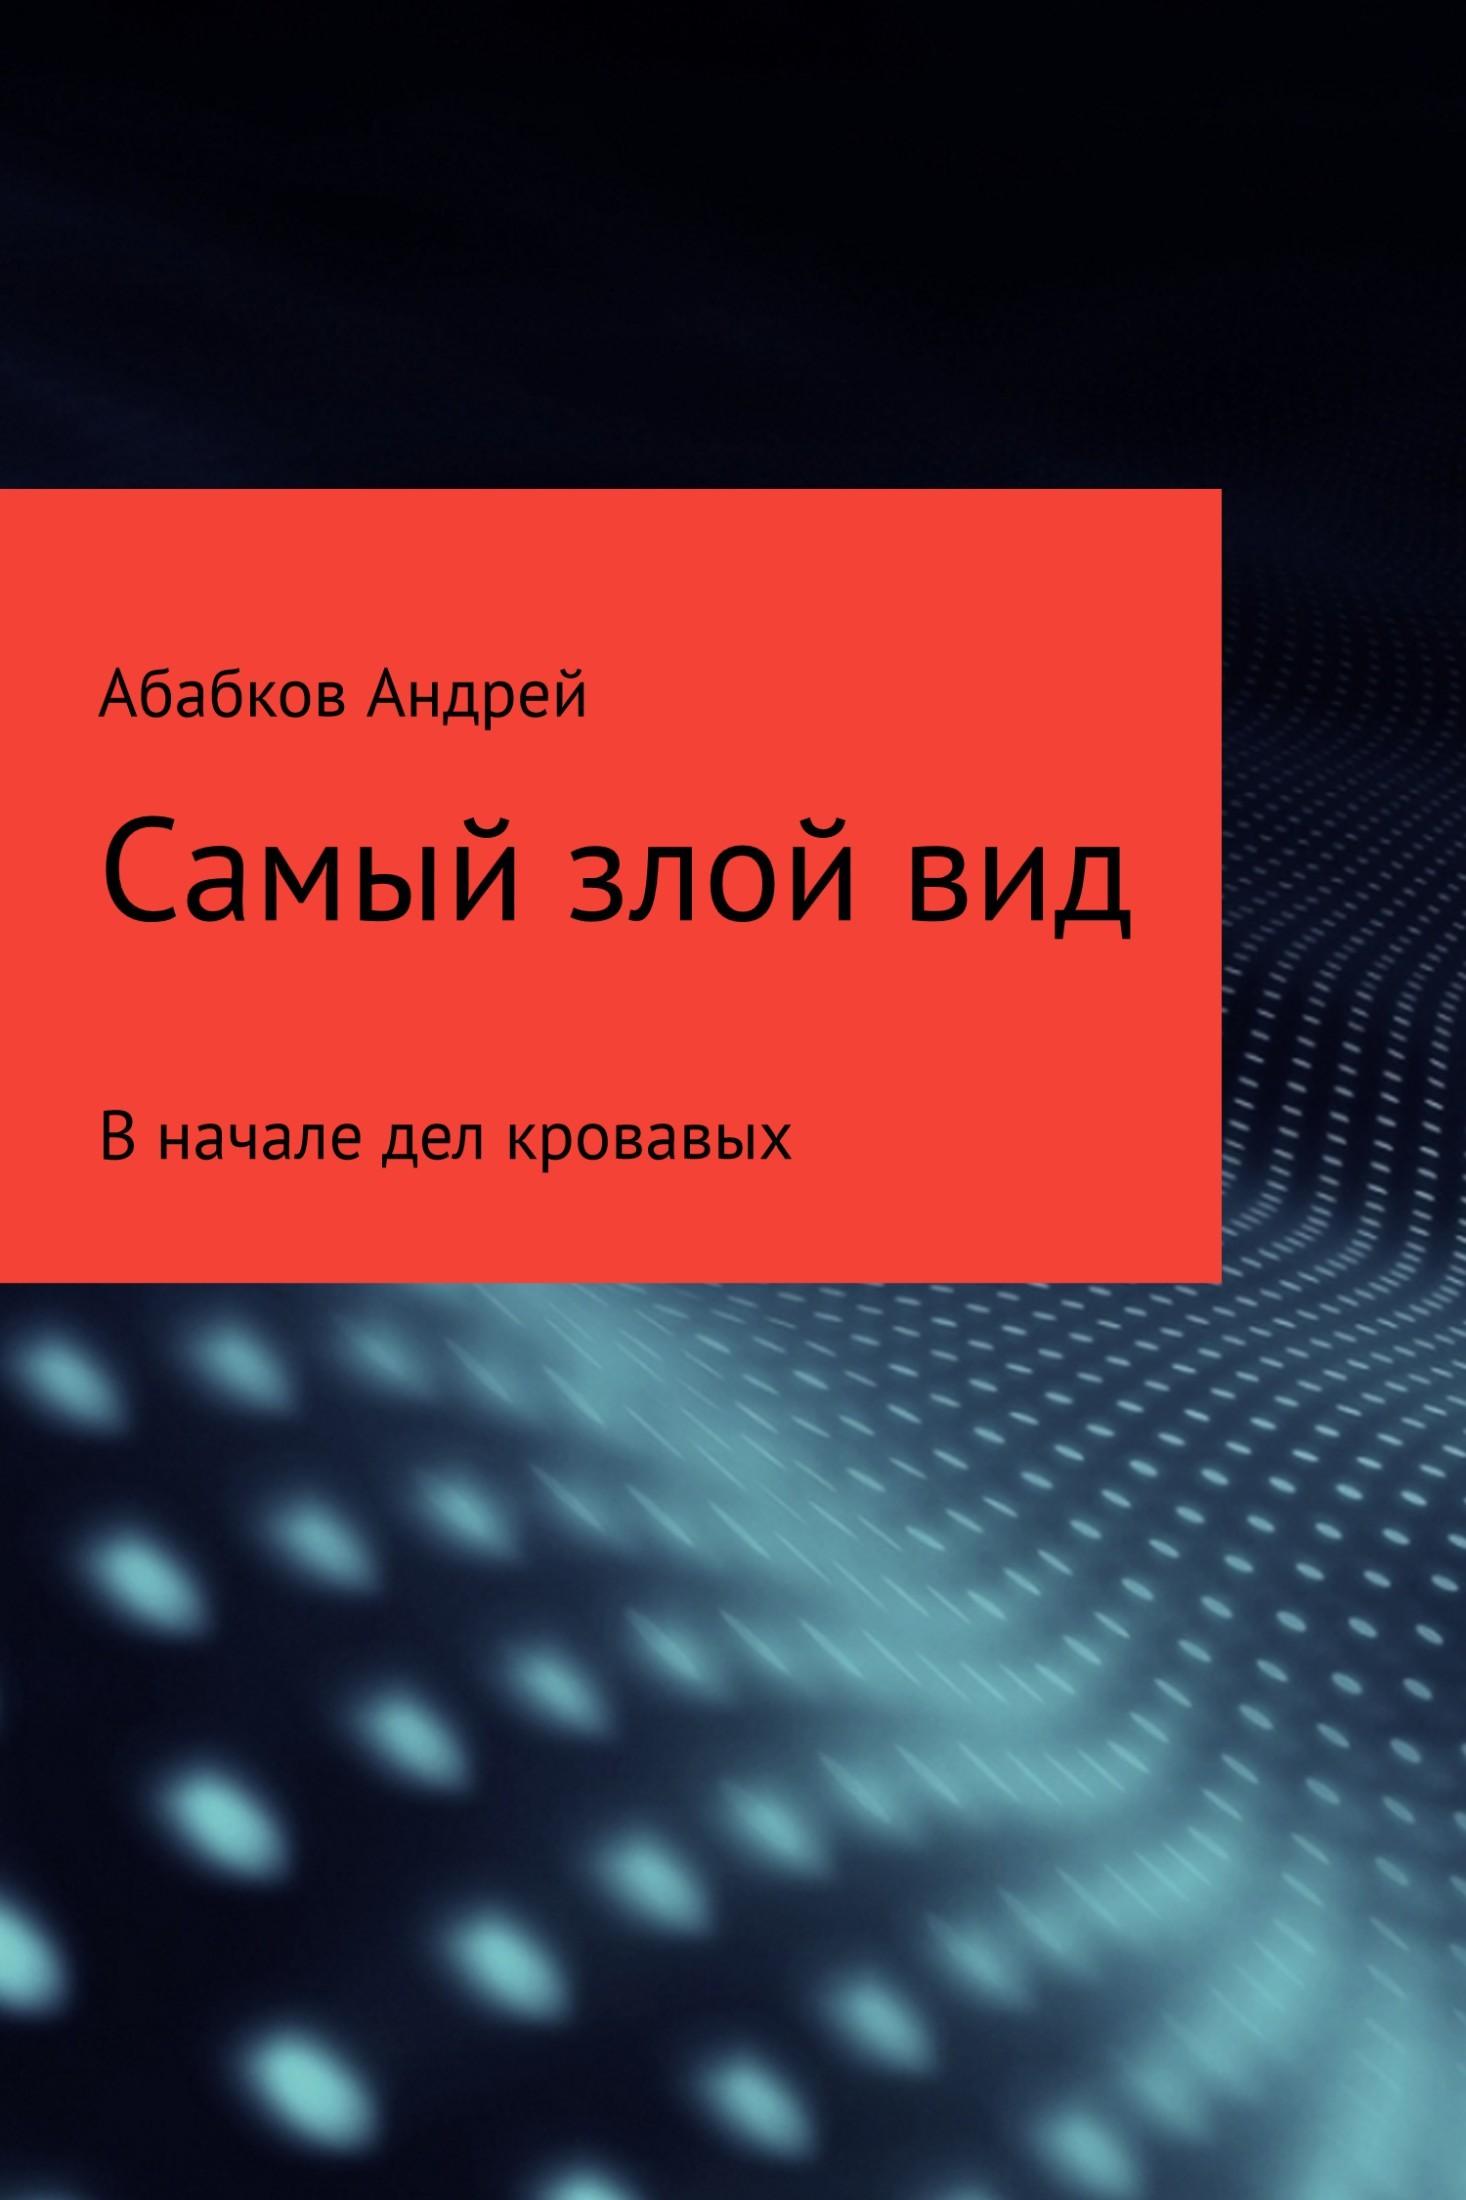 Андрей Абабков - Самый злой вид. В начале дел кровавых